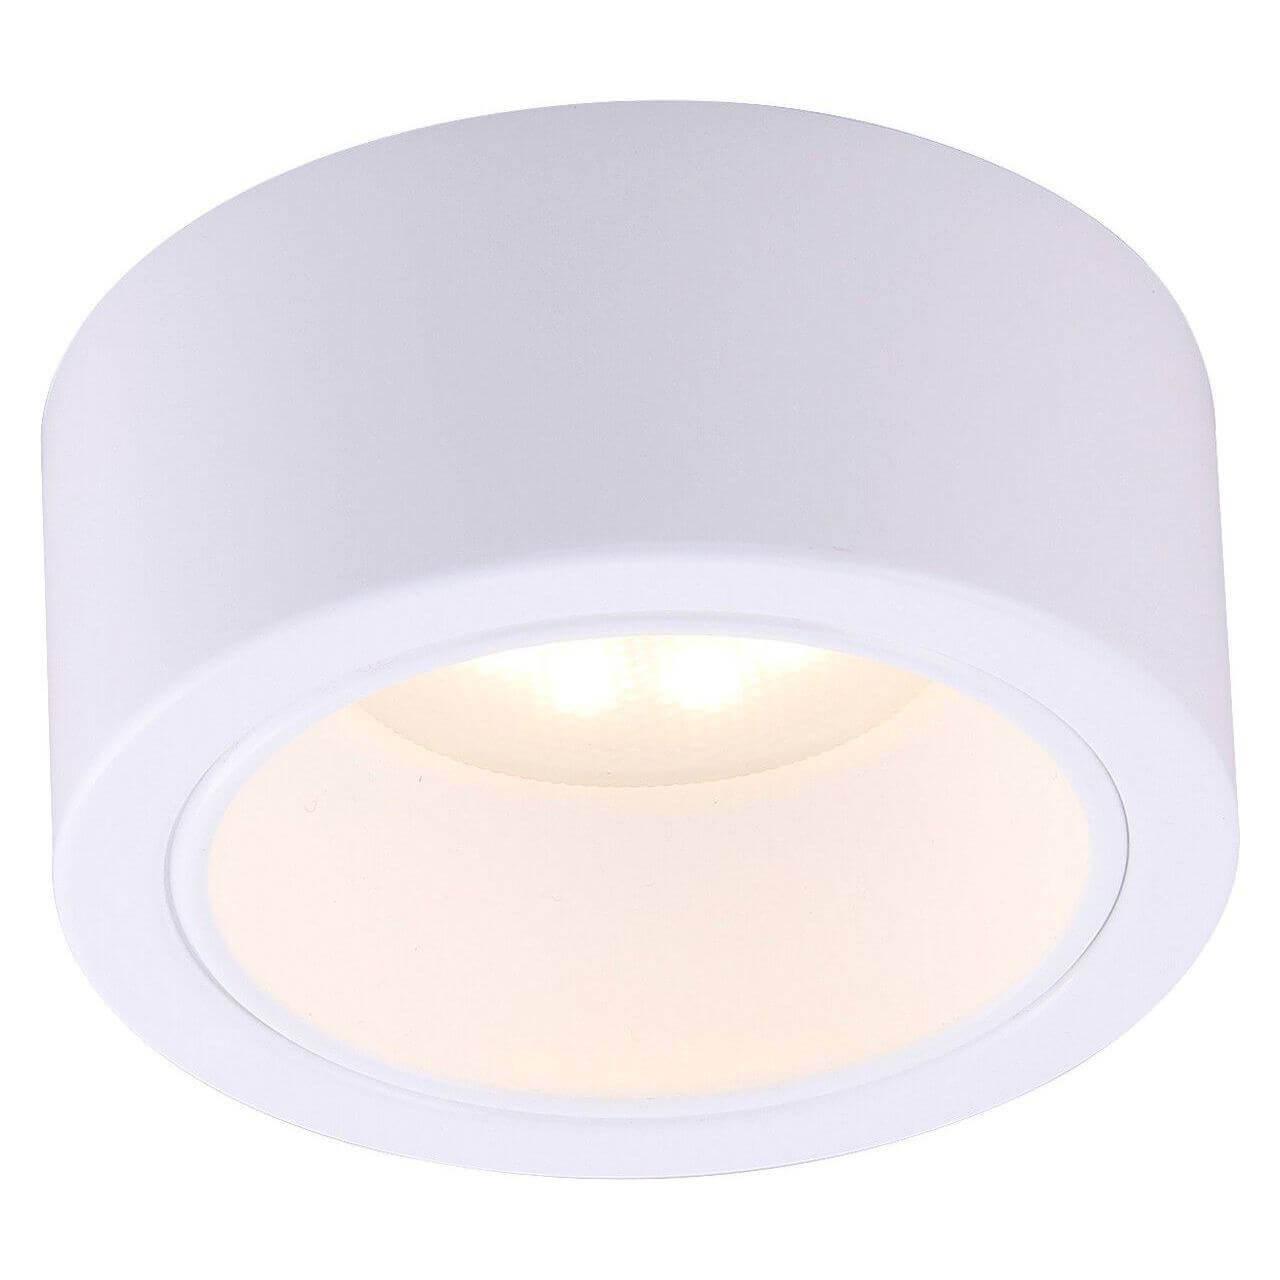 Светильник потолочный Artelamp A5553PL-1WH светильник потолочный artelamp a2321pl 1wh